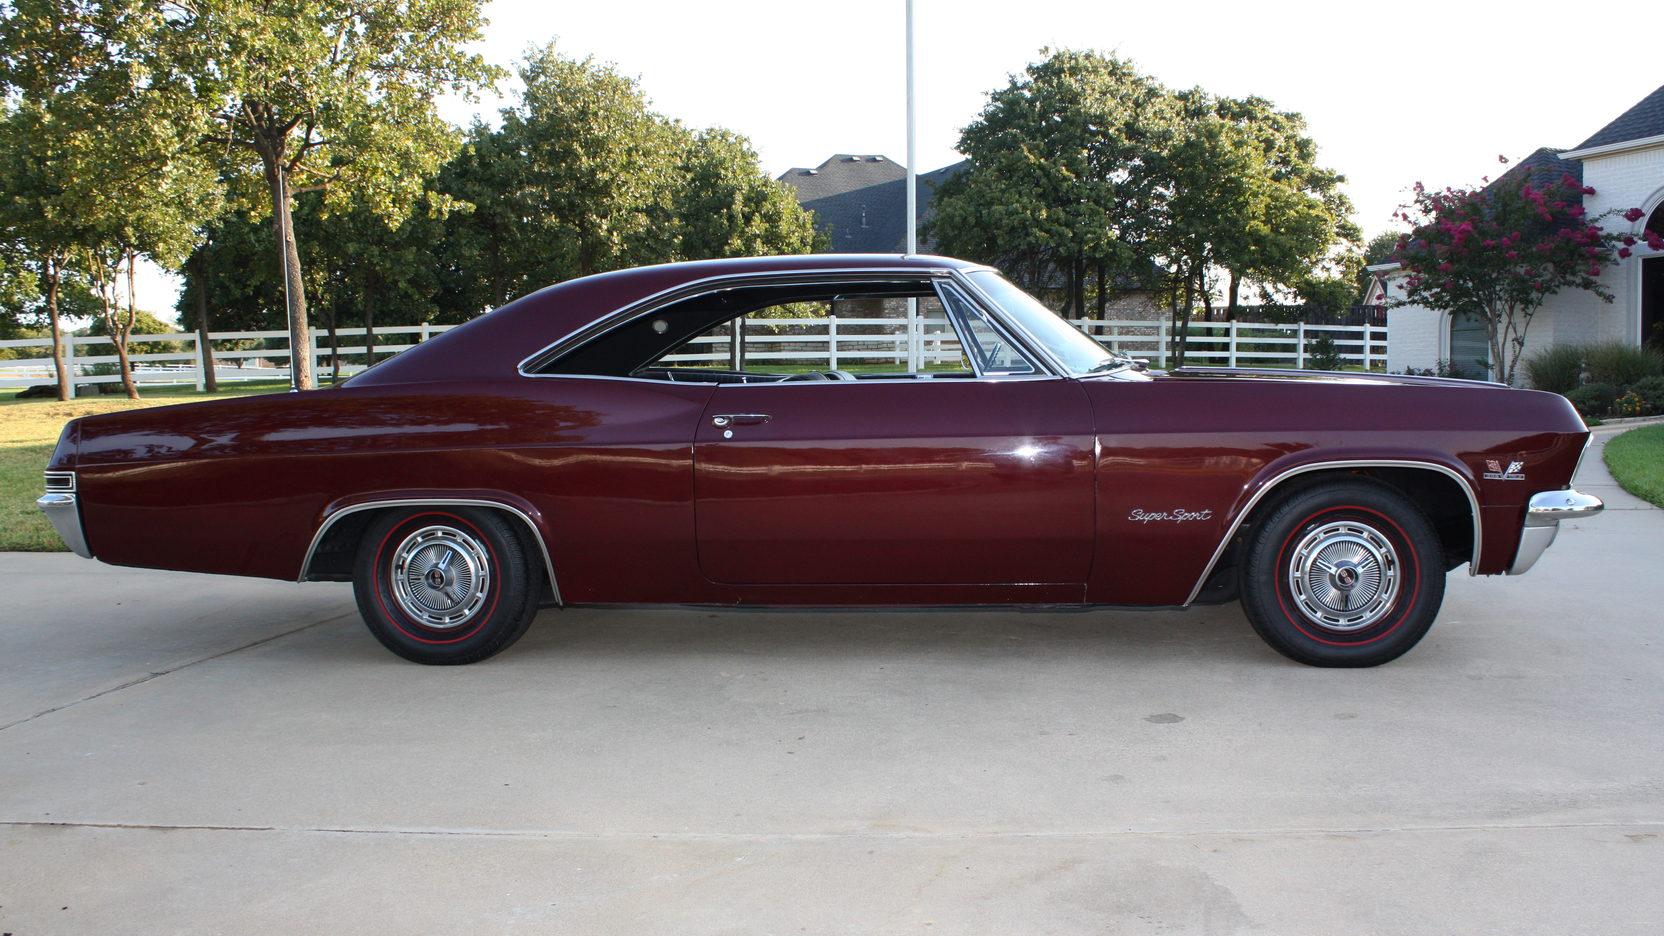 medium resolution of 1965 chevrolet impala ss 2 full screen